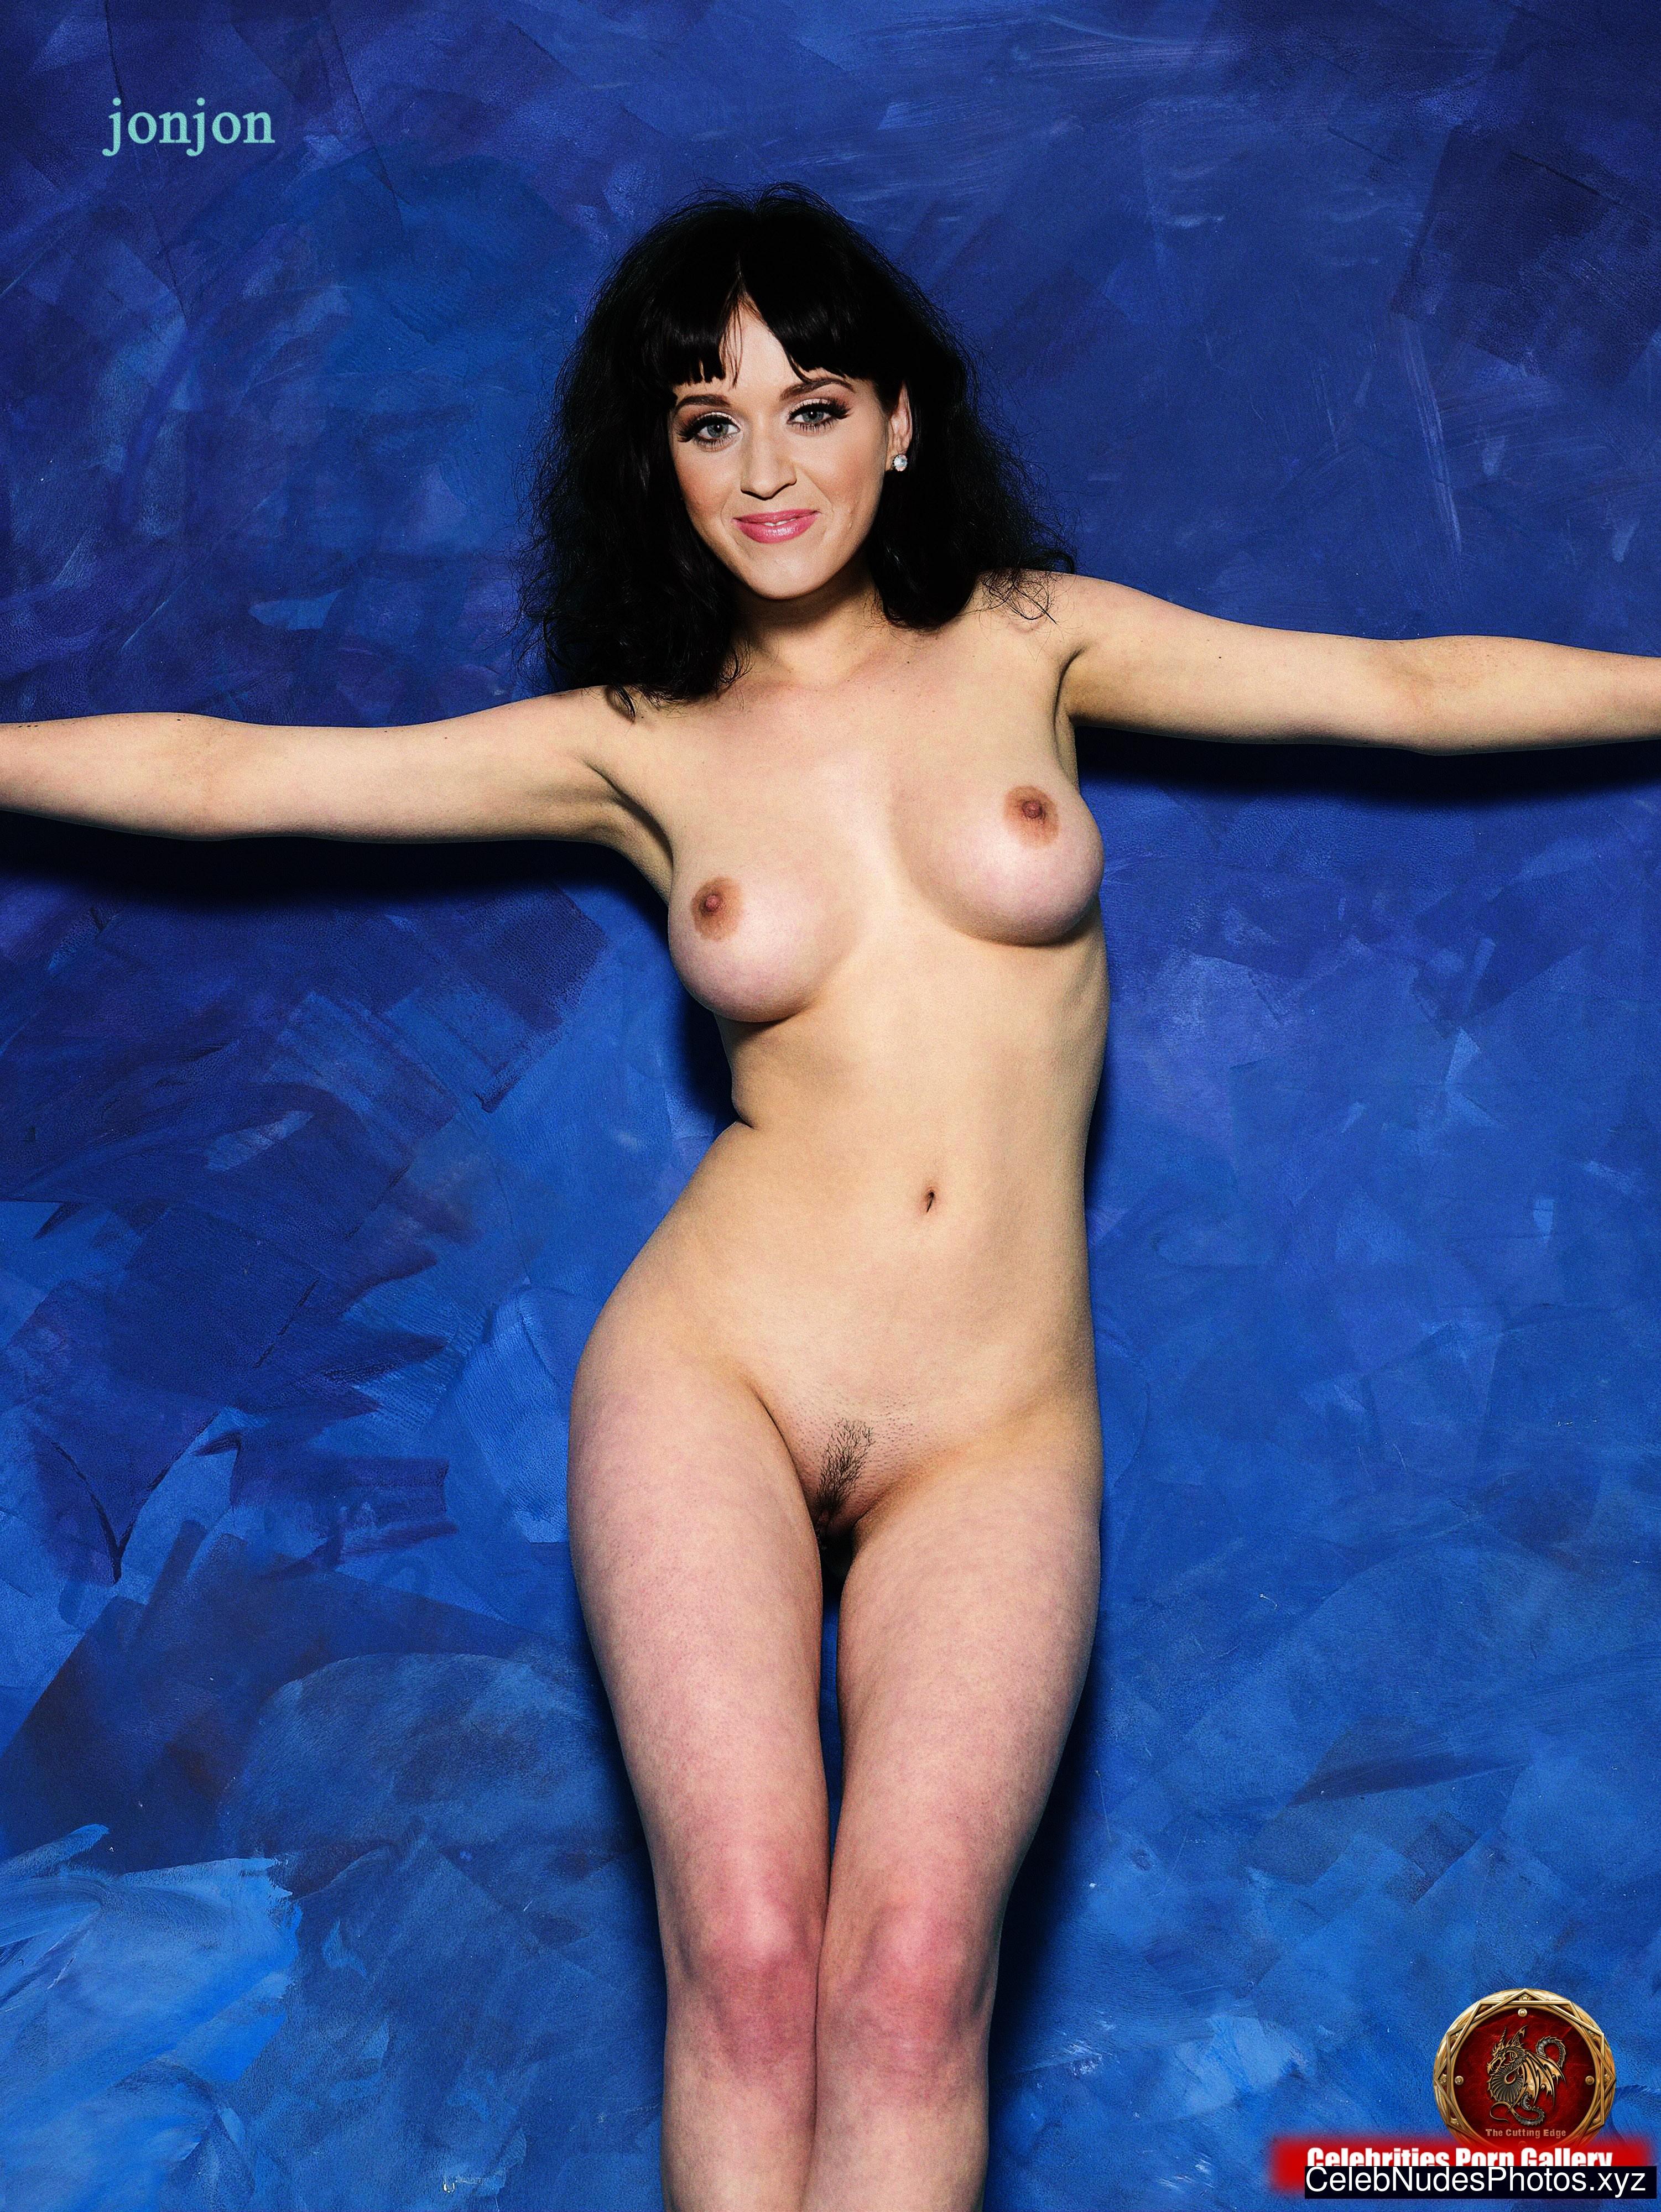 Young vargin sex gallery